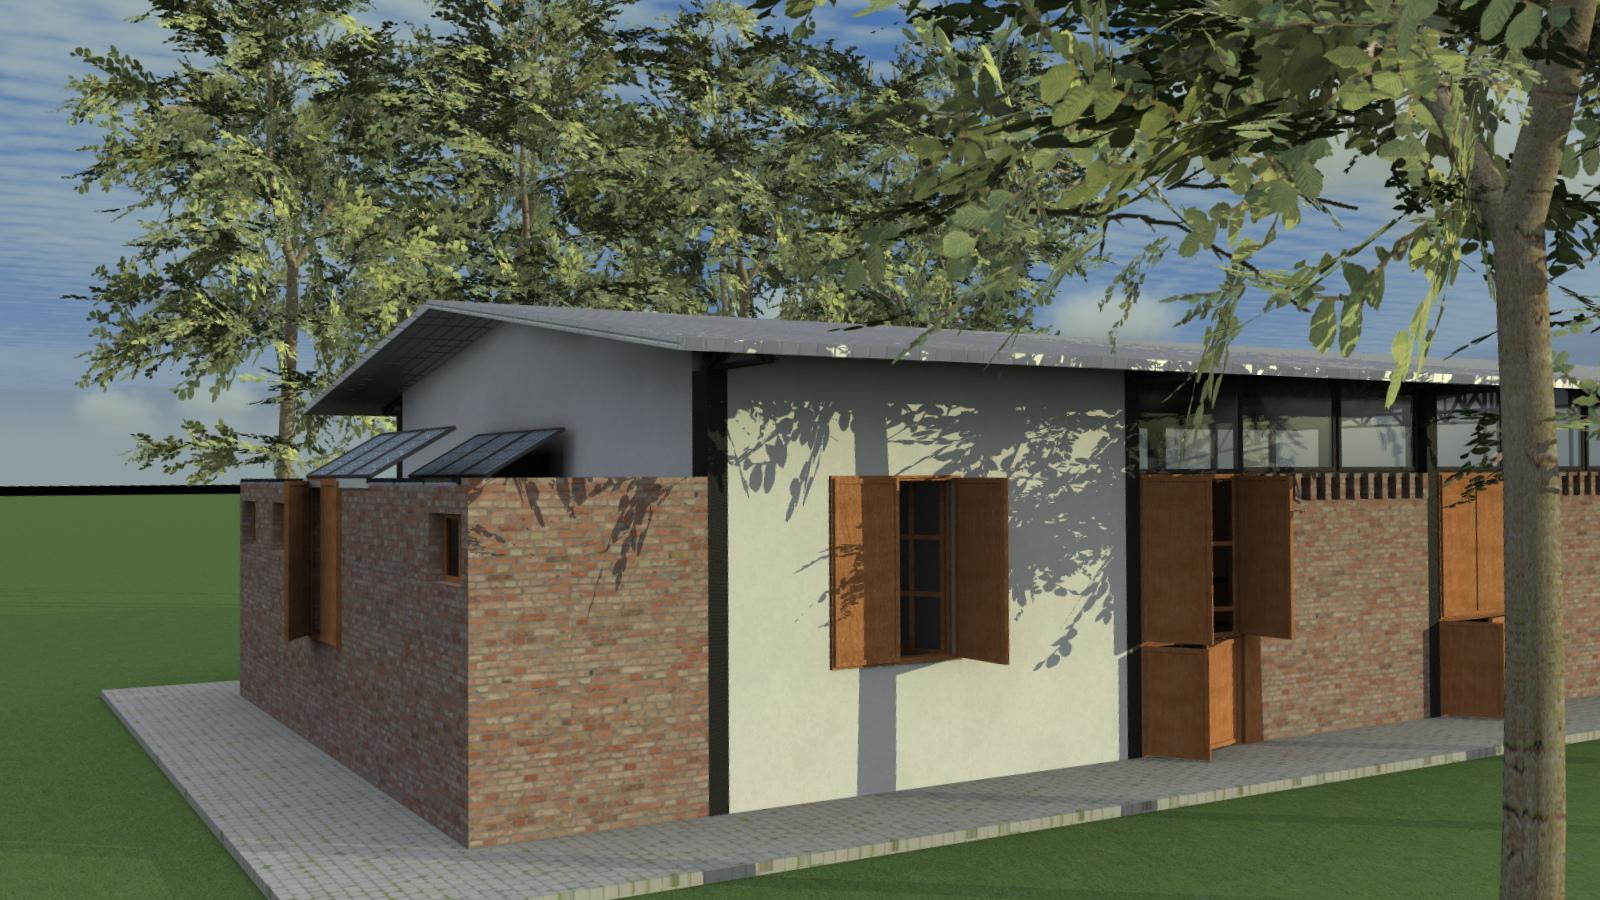 CASA GALPÃO (UM LOFT NO CAMPO) « TETO Arquitetura Sustentável e  #5E4732 1600x900 Arquitetura Sustentavel Banheiro